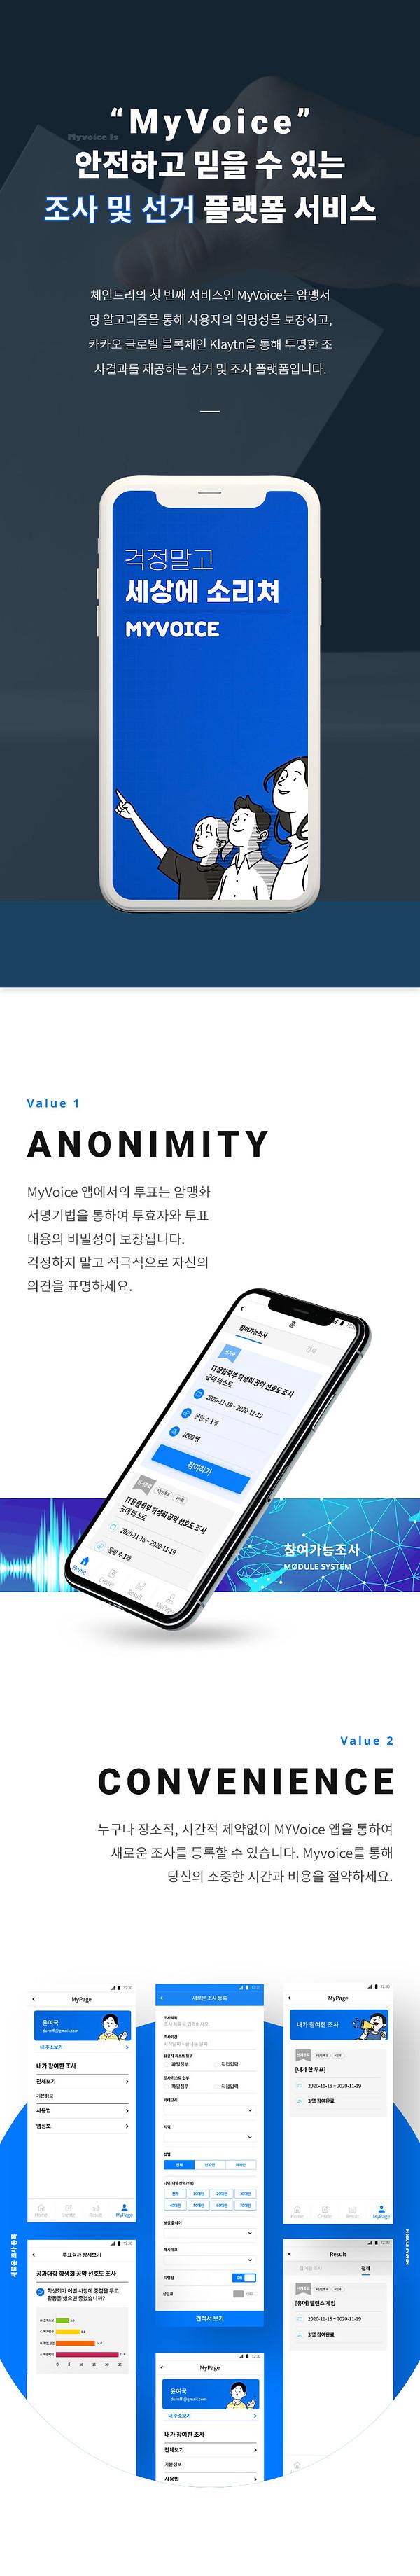 제품소개_모바일1.jpg